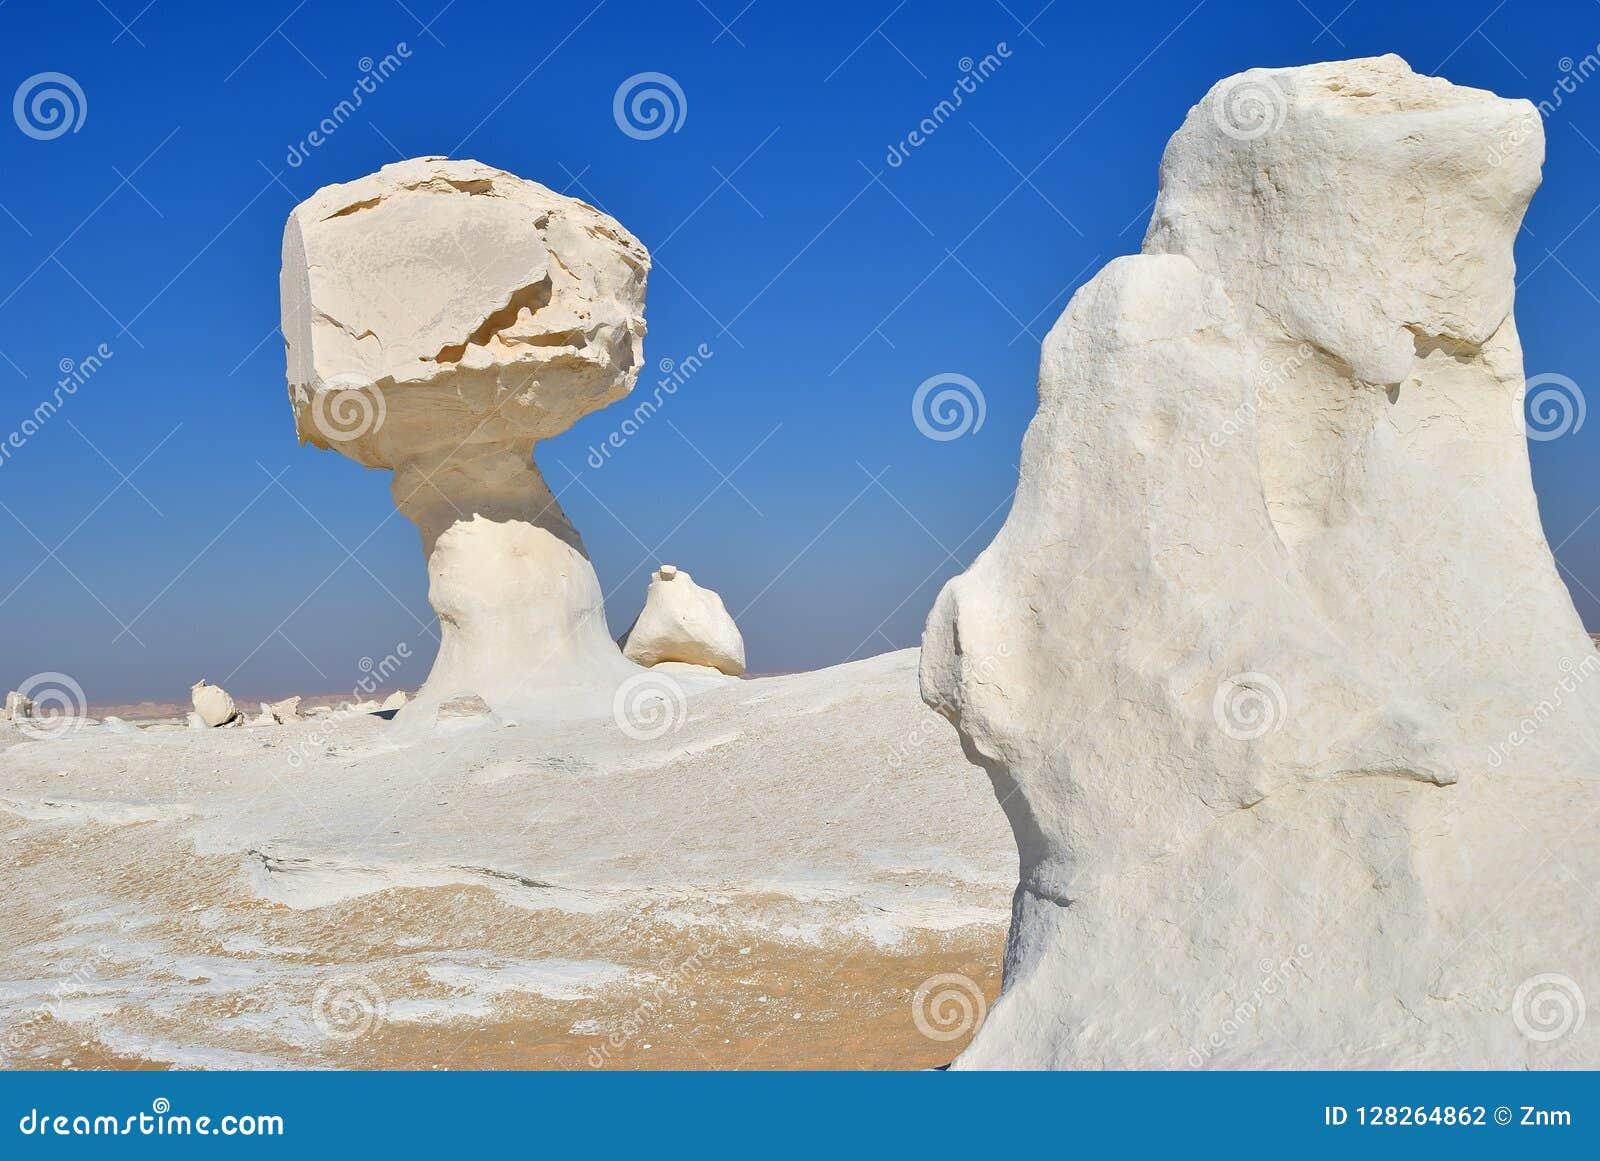 De kalksteenvorming in Witte woestijn Sahara Egypt